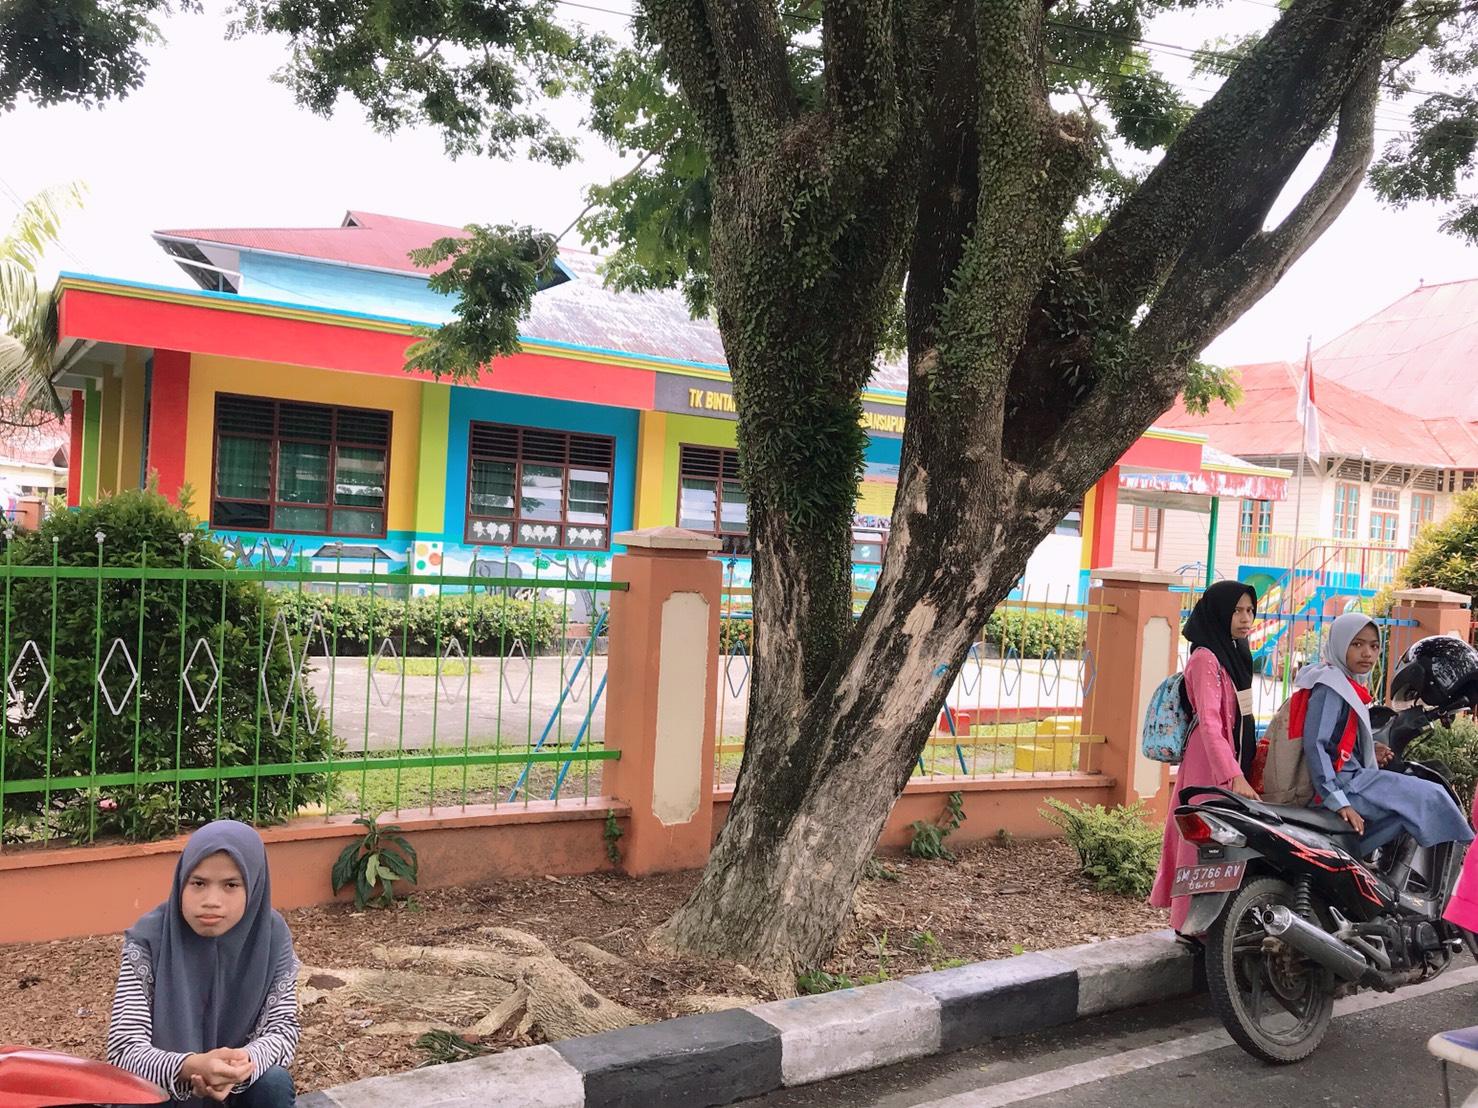 ▲原本以為偏遠的印尼小村莊沒有什麼人認識他們,想不到隨處都有人跟他們打招呼。